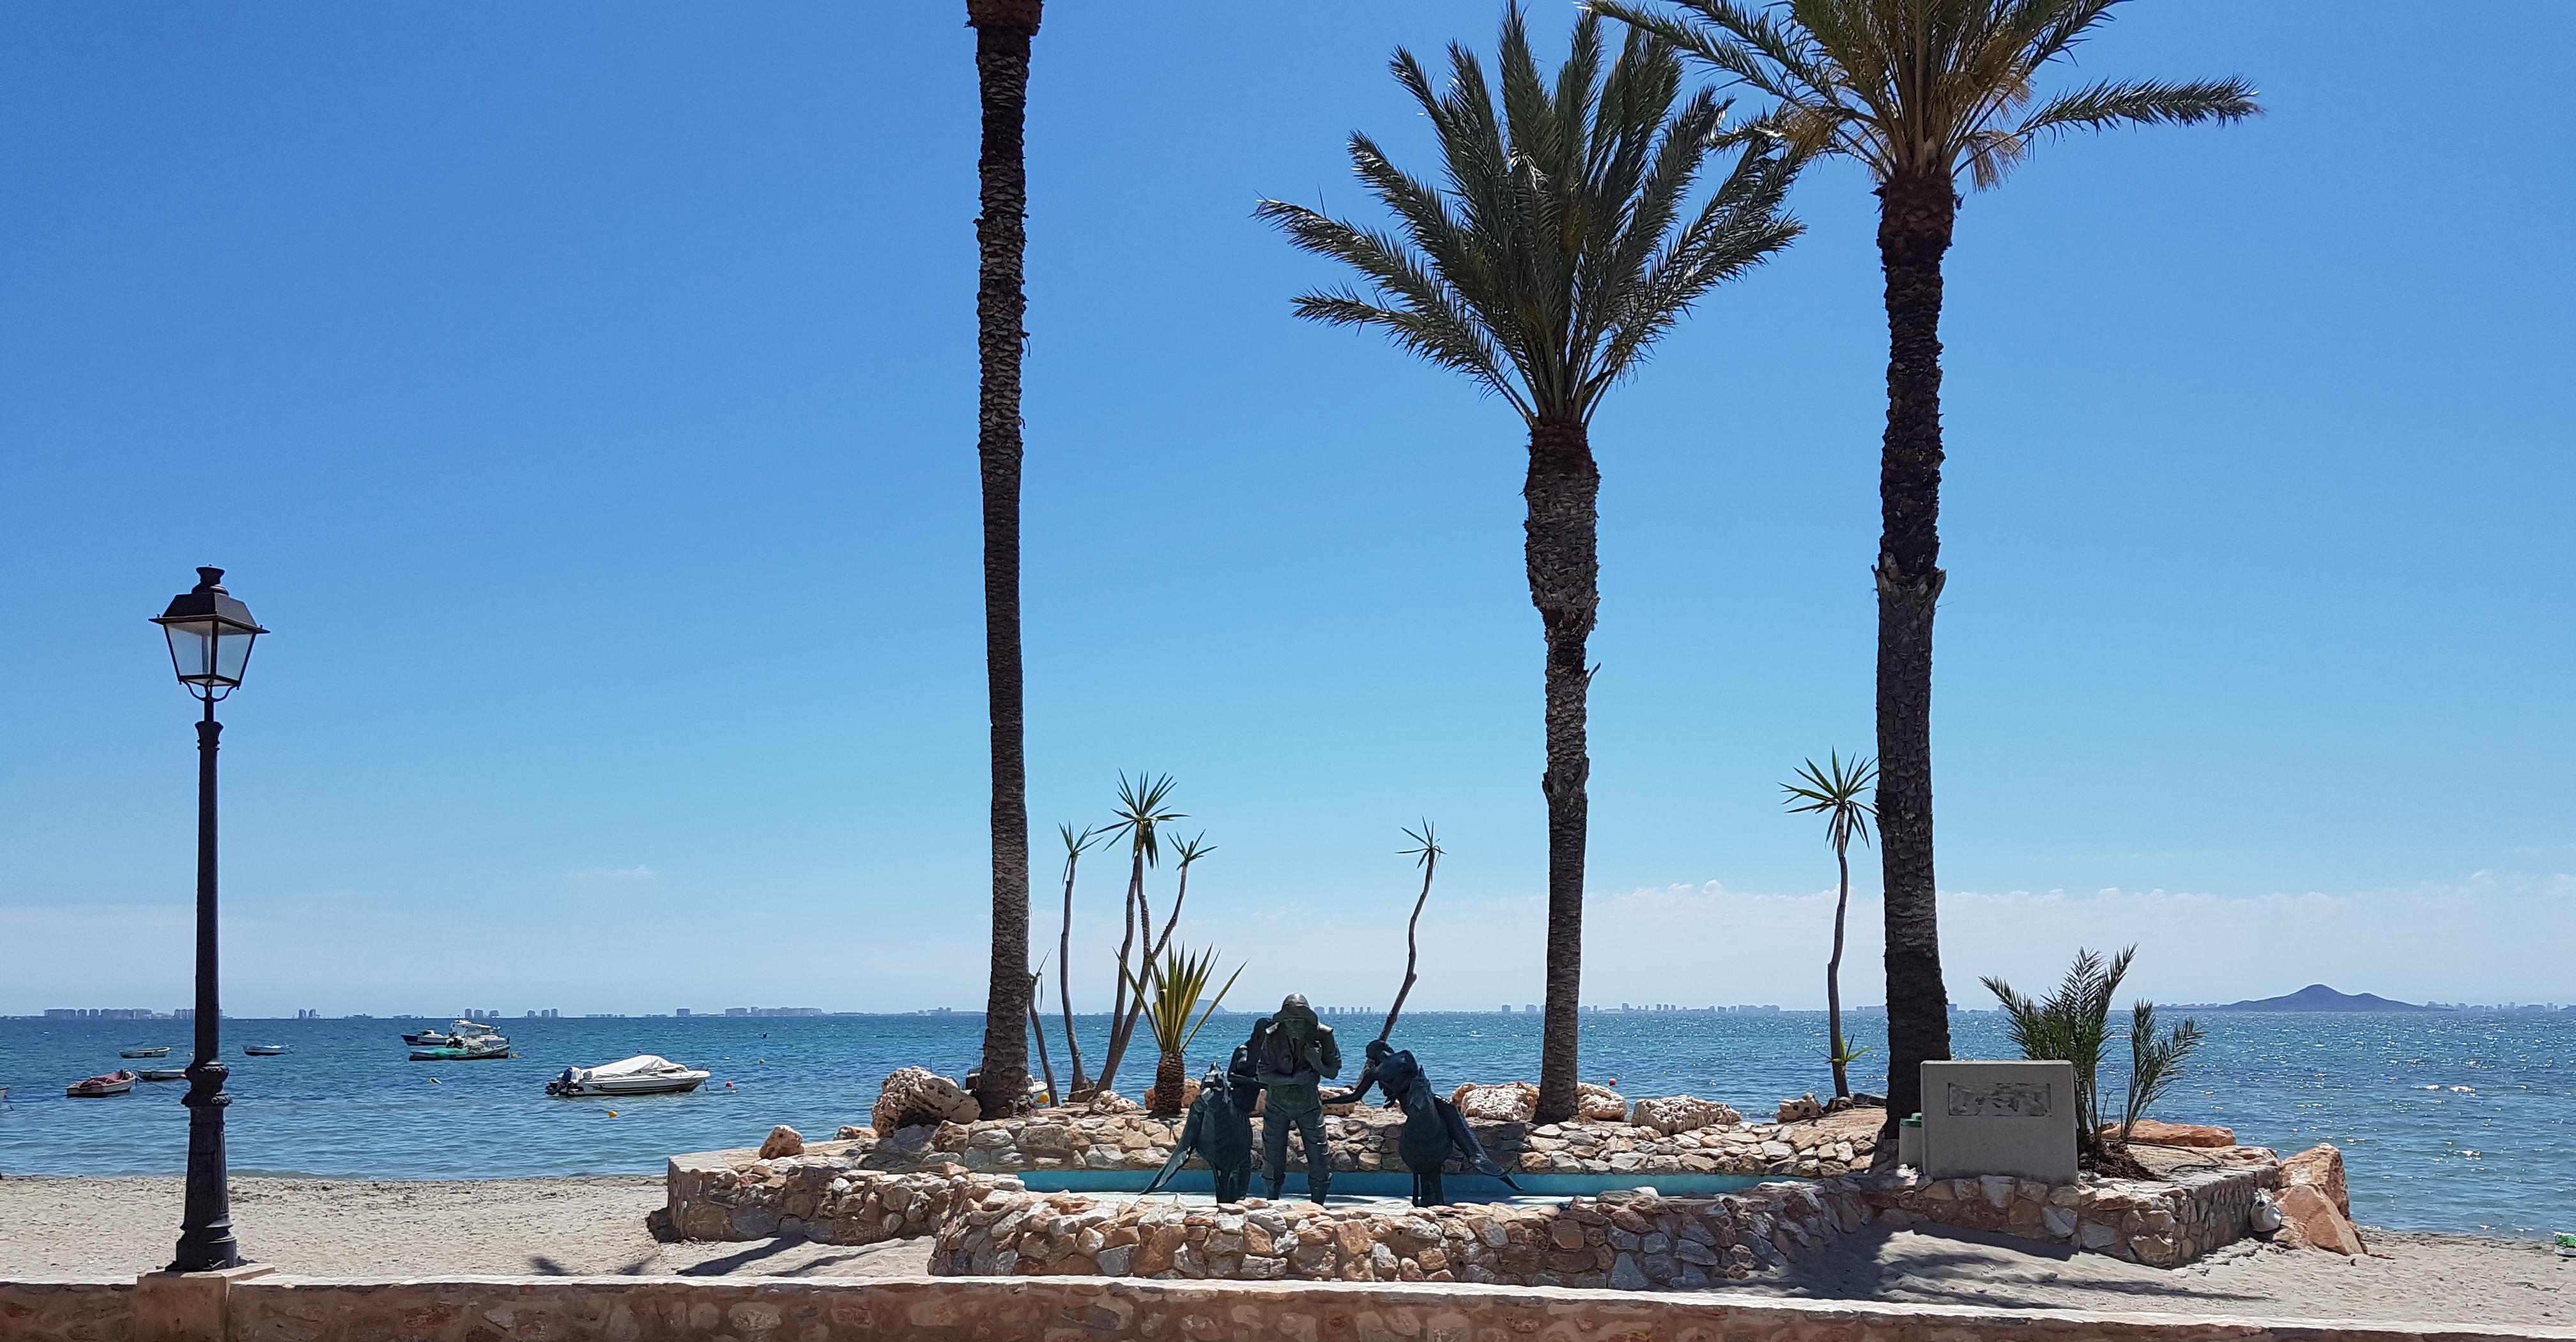 Monumento de Pescadores